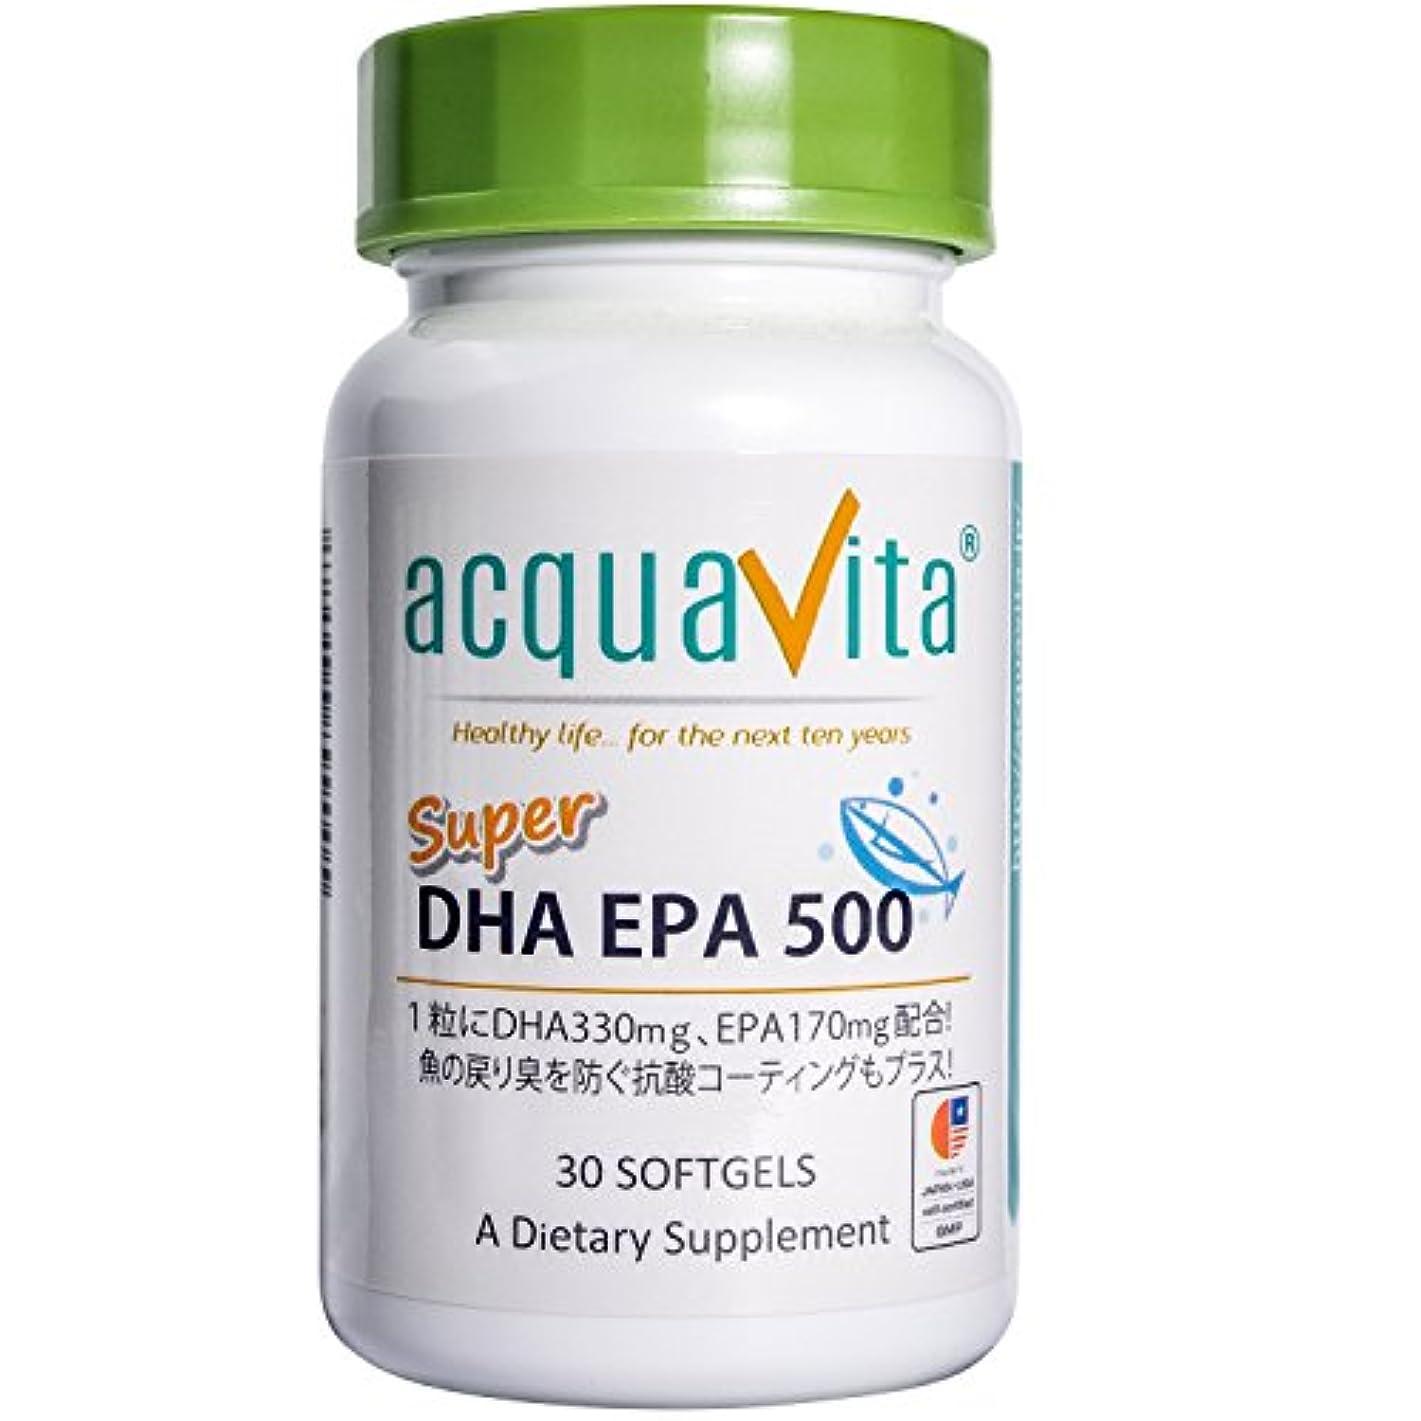 カロリー仕立て屋退化するacquavita(アクアヴィータ) スーパーDHAEPA500 30粒